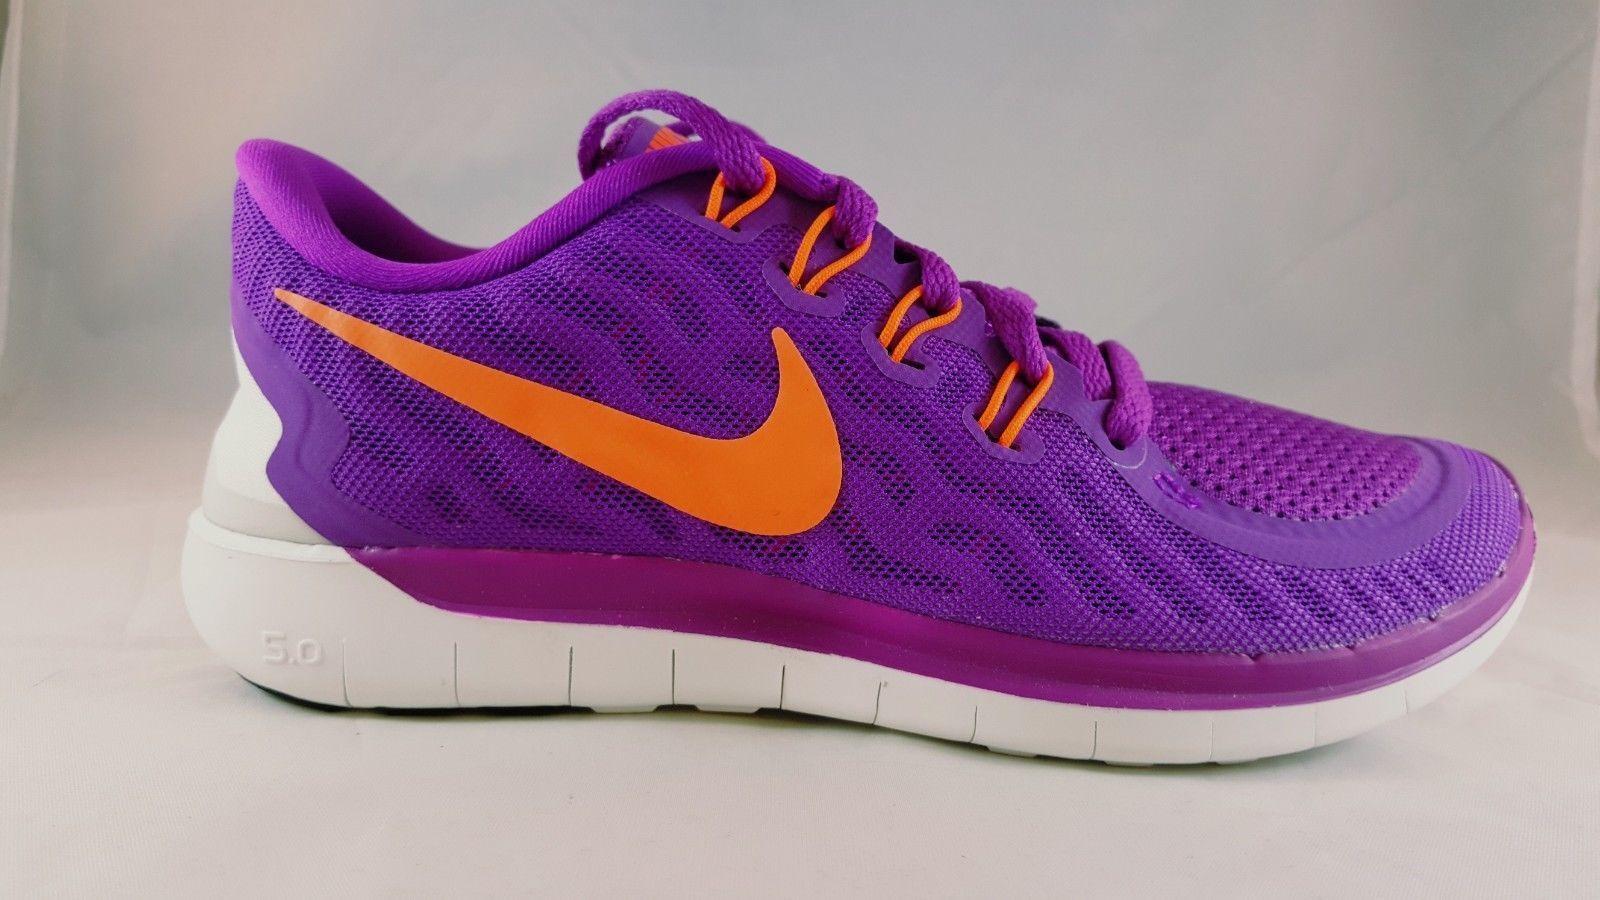 Nike Free 5.0 Women's Running Shoe 724383 503 Size 6.5